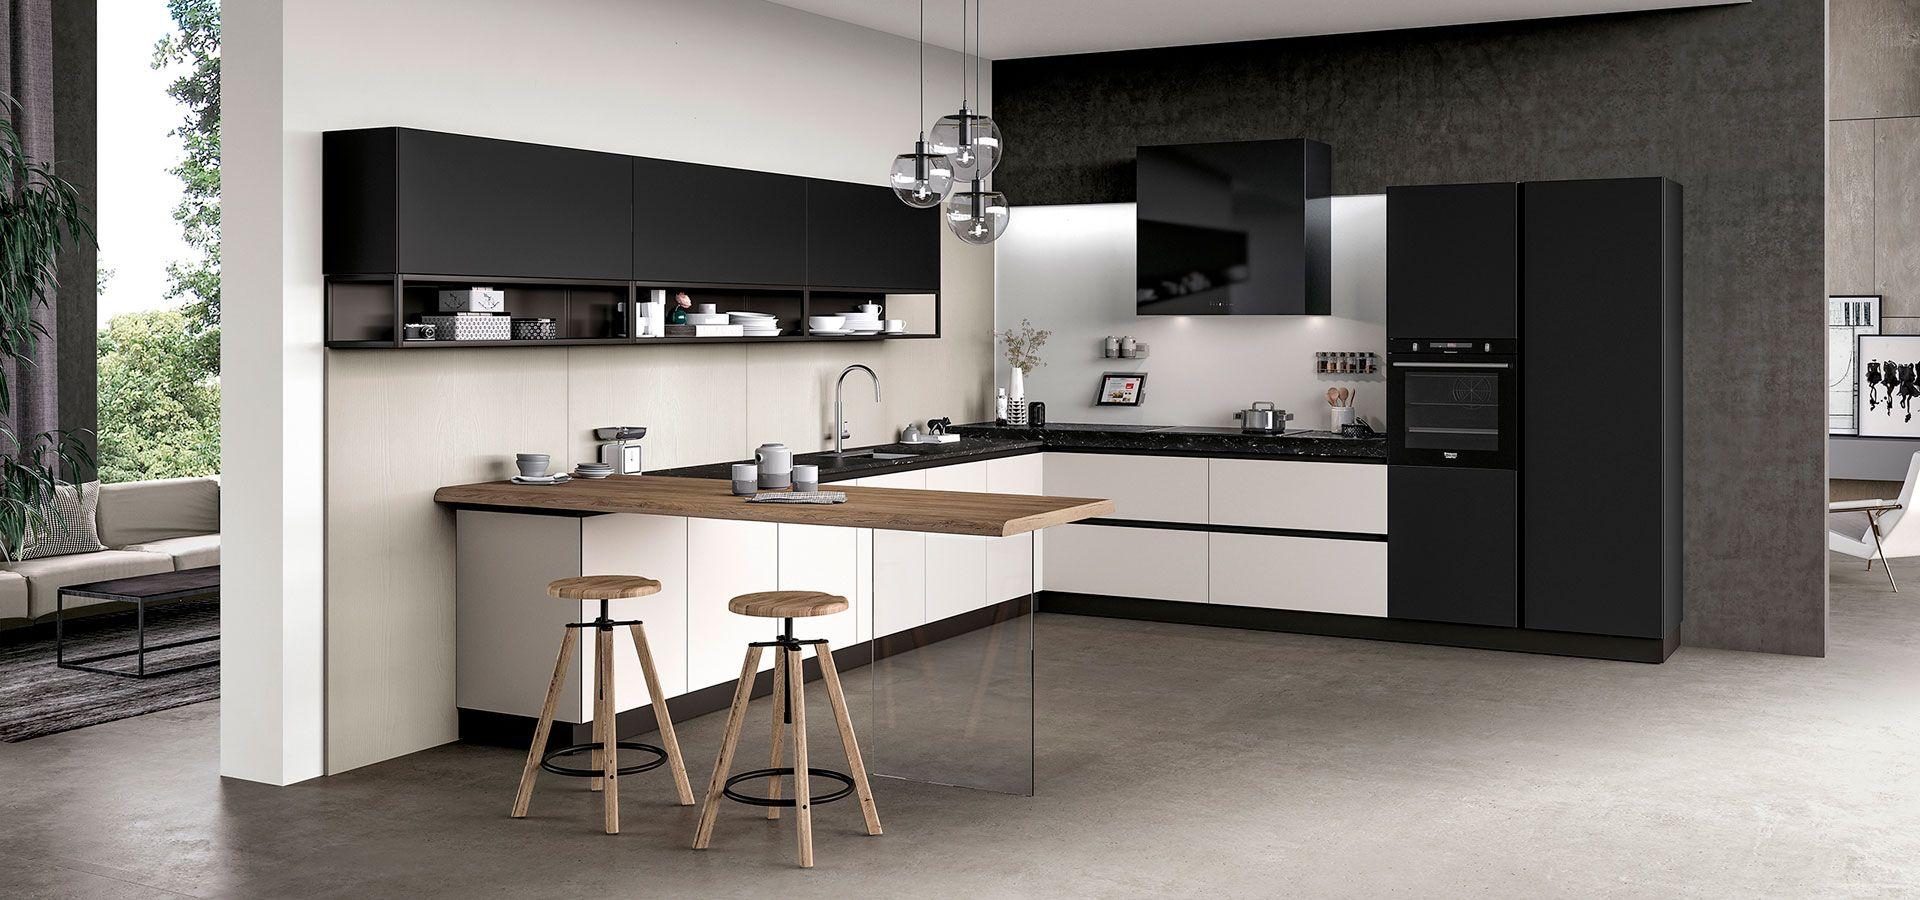 Ante Vetro Cucina cucina moderna new york